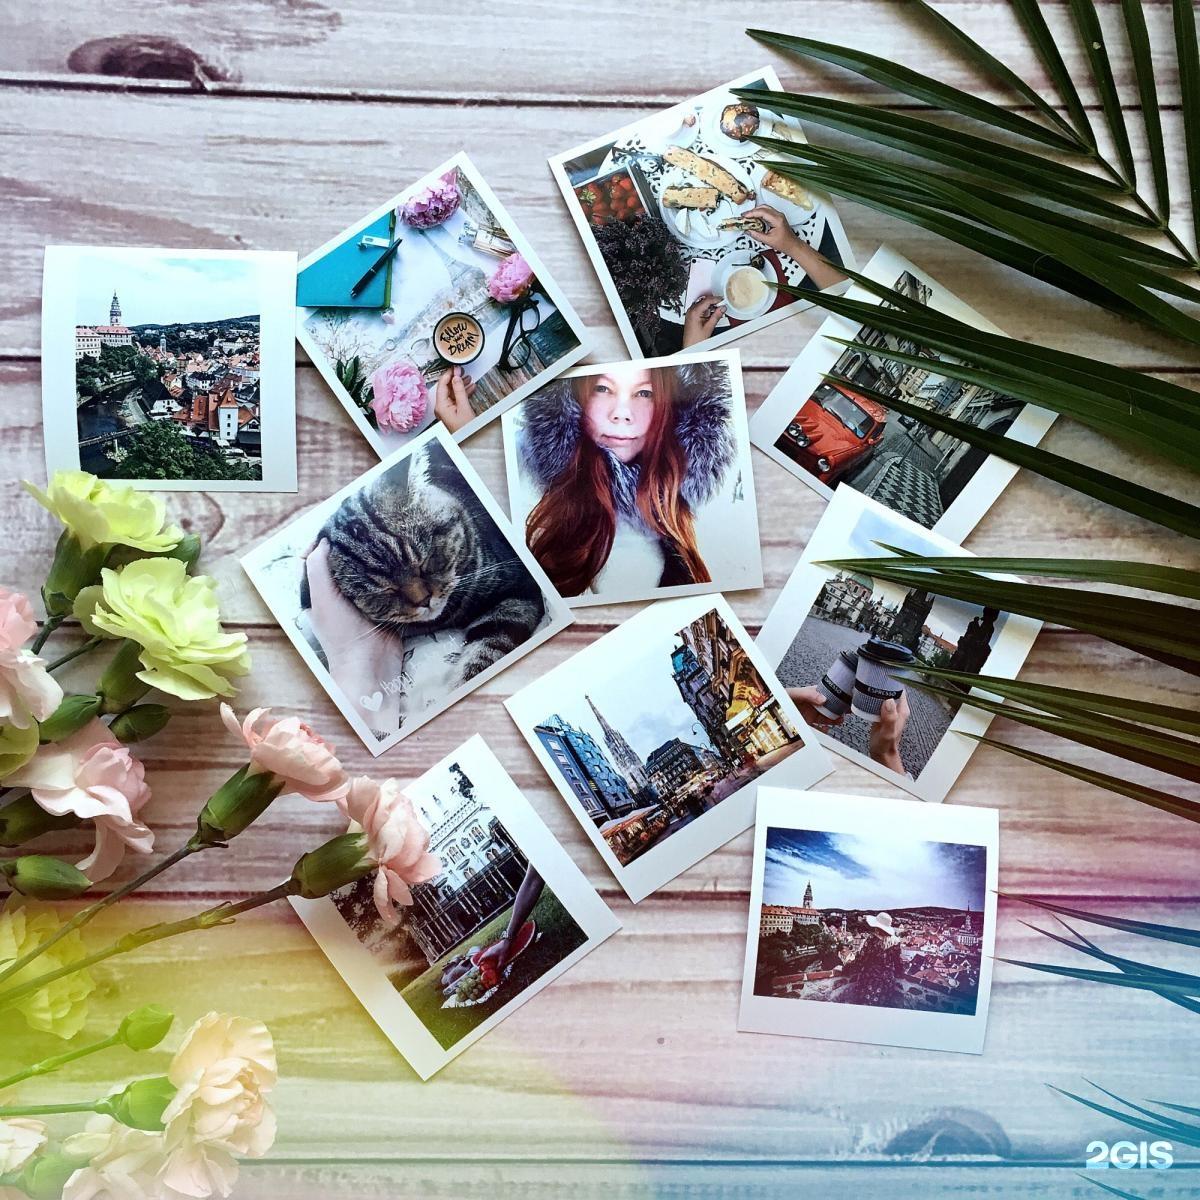 дома бруса качественная распечатка фотографий самим